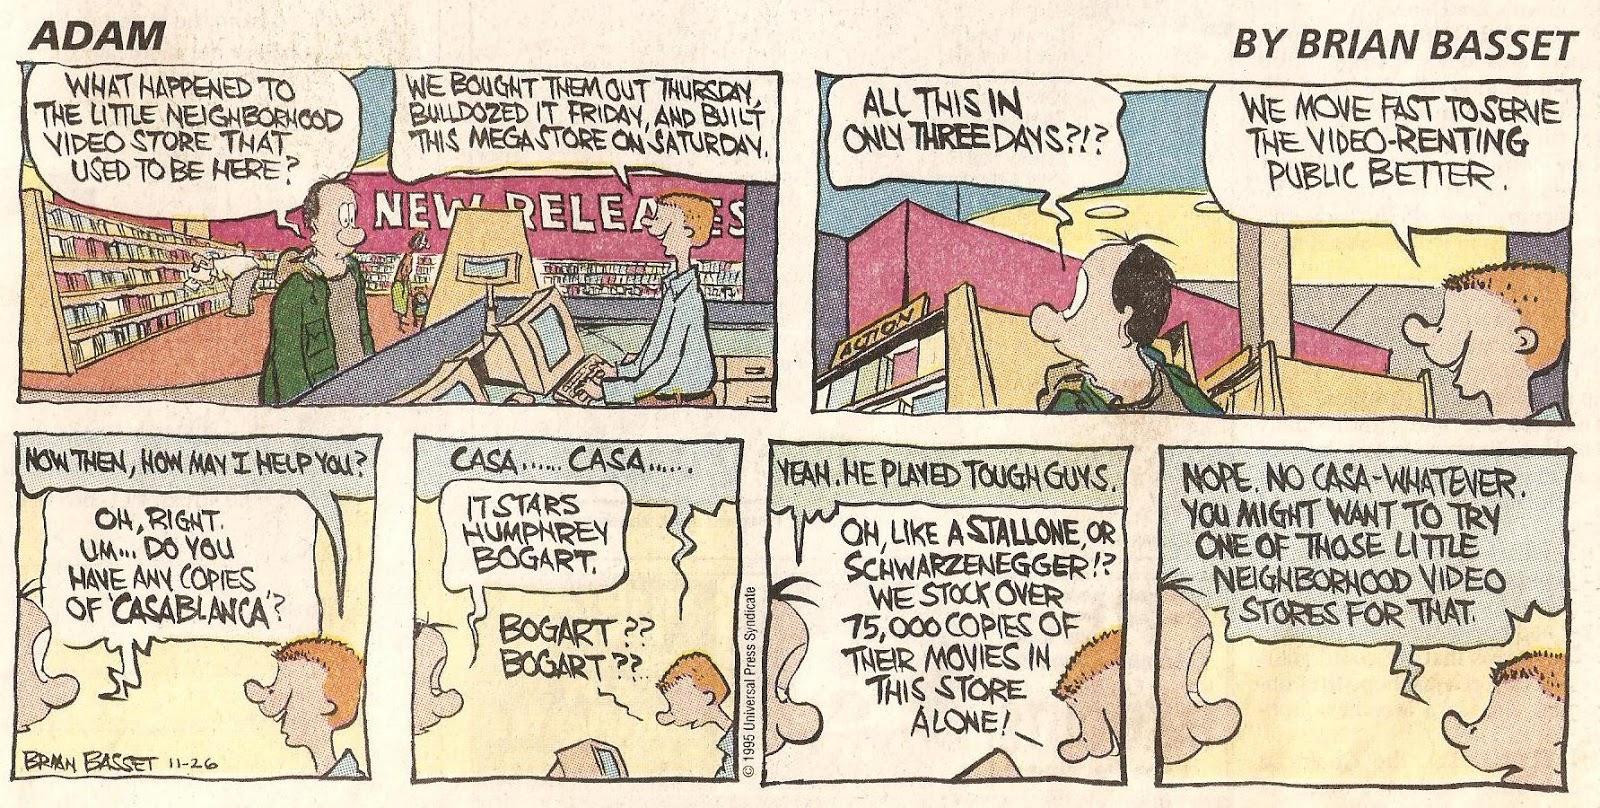 violent cartoons essay